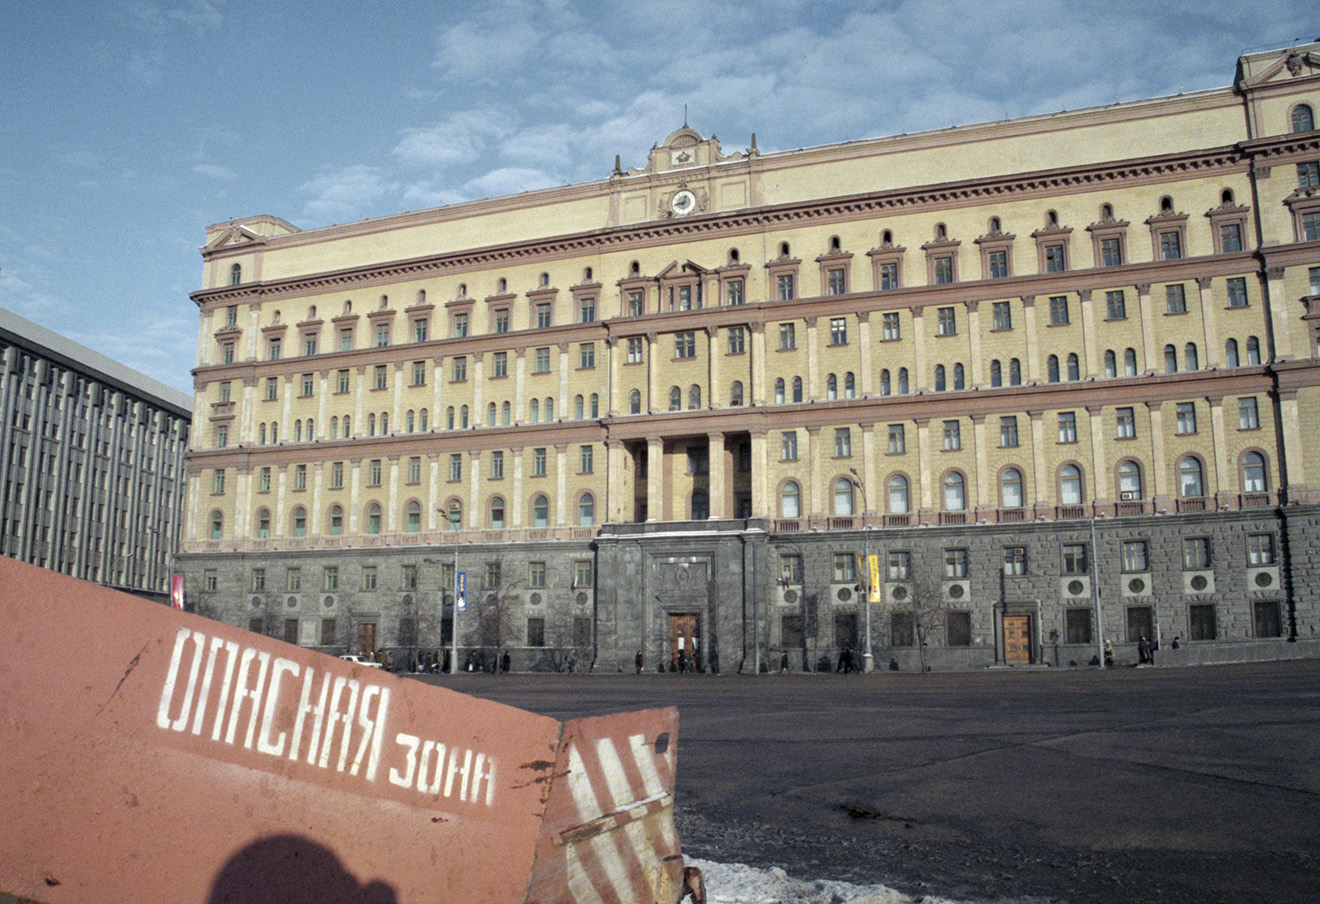 Здание Федеральной службы безопасности Российской Федерации, 22 декабря 1997 г. Фото: Сергей Джевахашвили / Фотохроника ТАСС